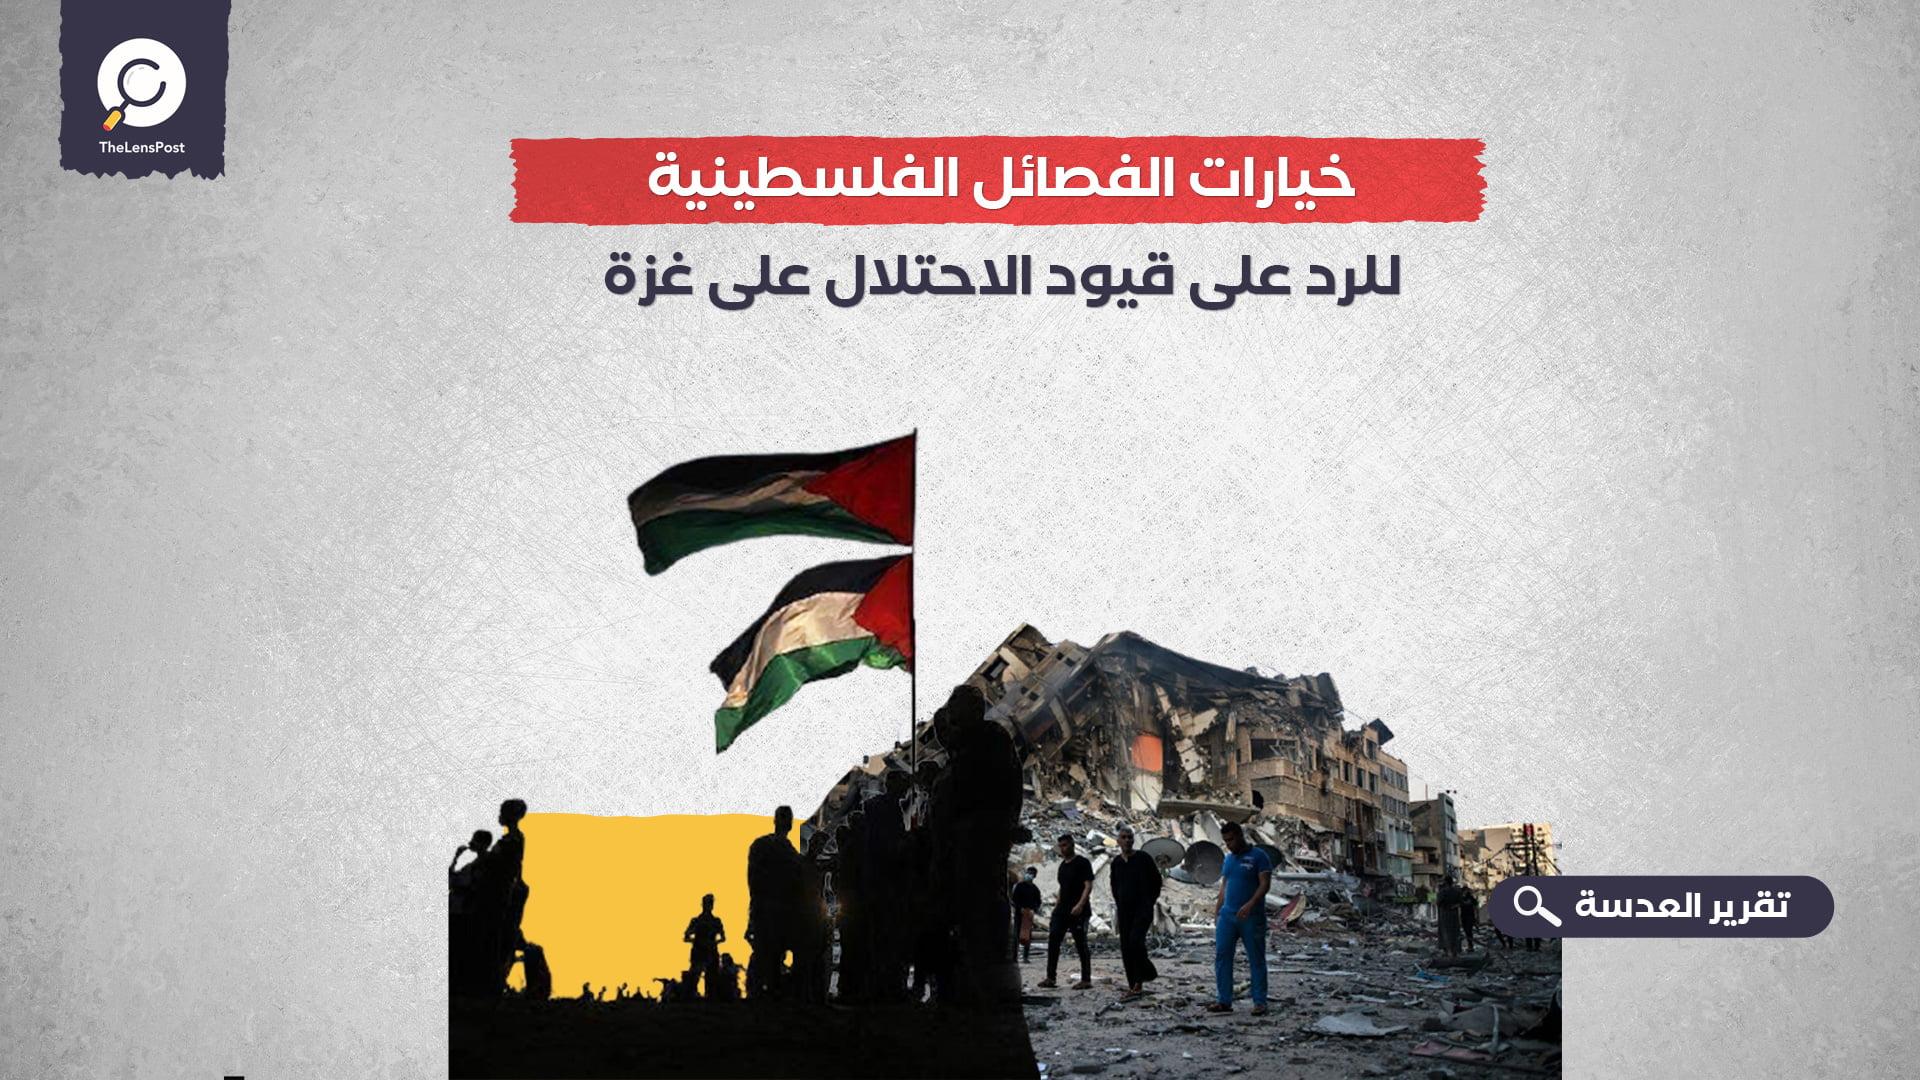 خيارات الفصائل الفلسطينية للرد على قيود الاحتلال على غزة